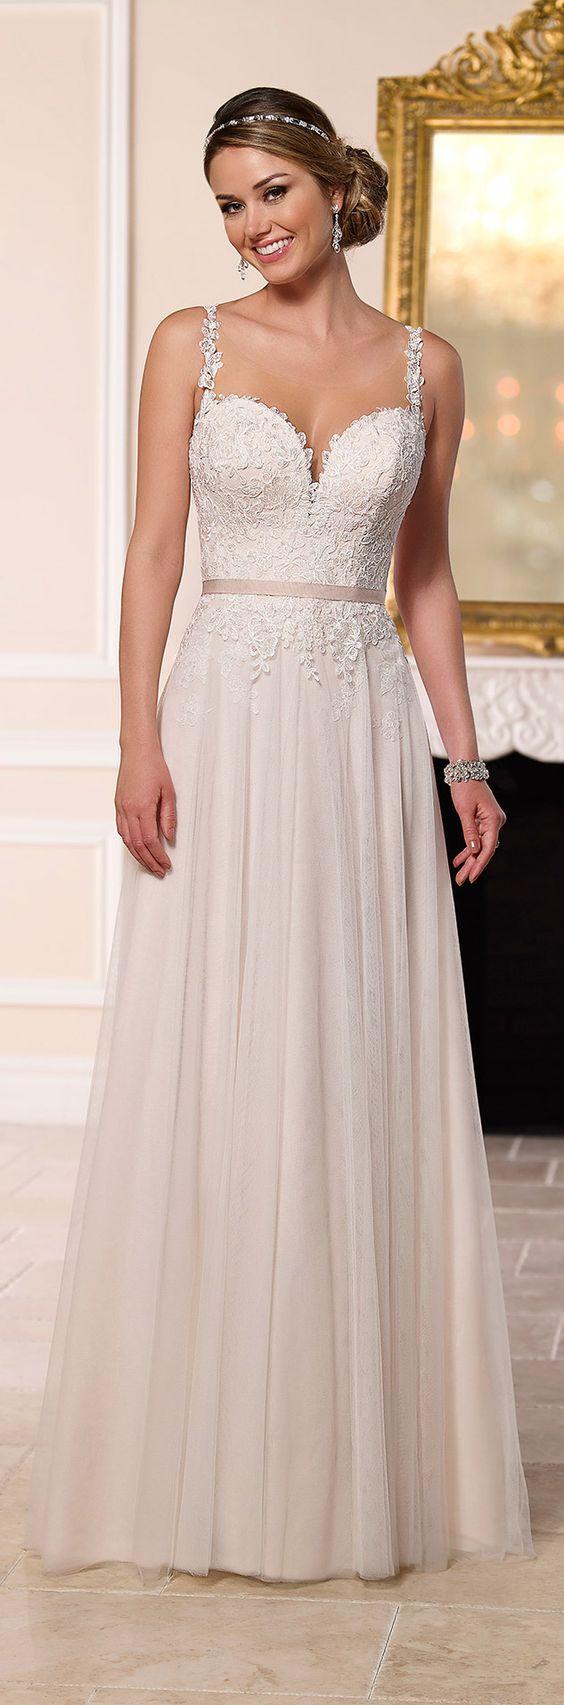 Stella york long a line wedding dress 2016 wedding ideas for Stella york convertible wedding dress